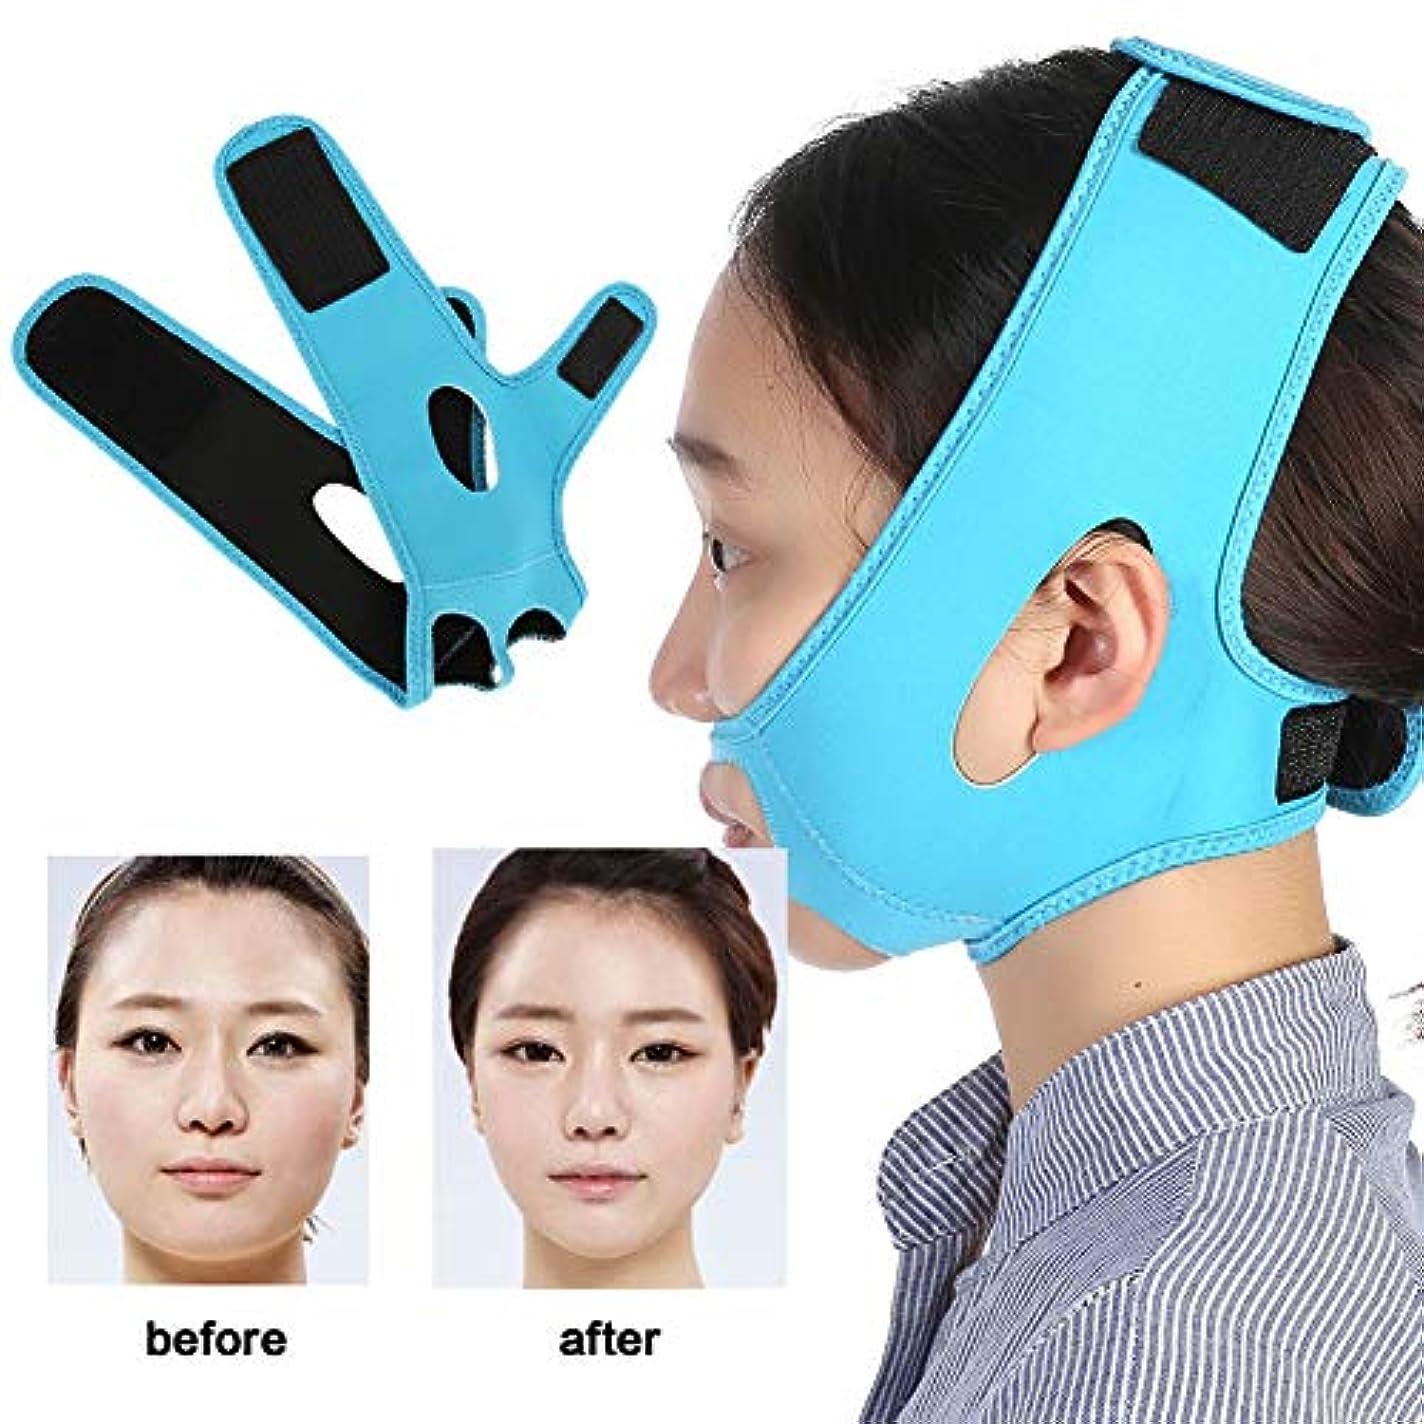 振動するニンニク作ります顔の輪郭を改善するためのフェイスマスクのスリム化 Vフェイス美容包帯 通気性/伸縮性/非変形性